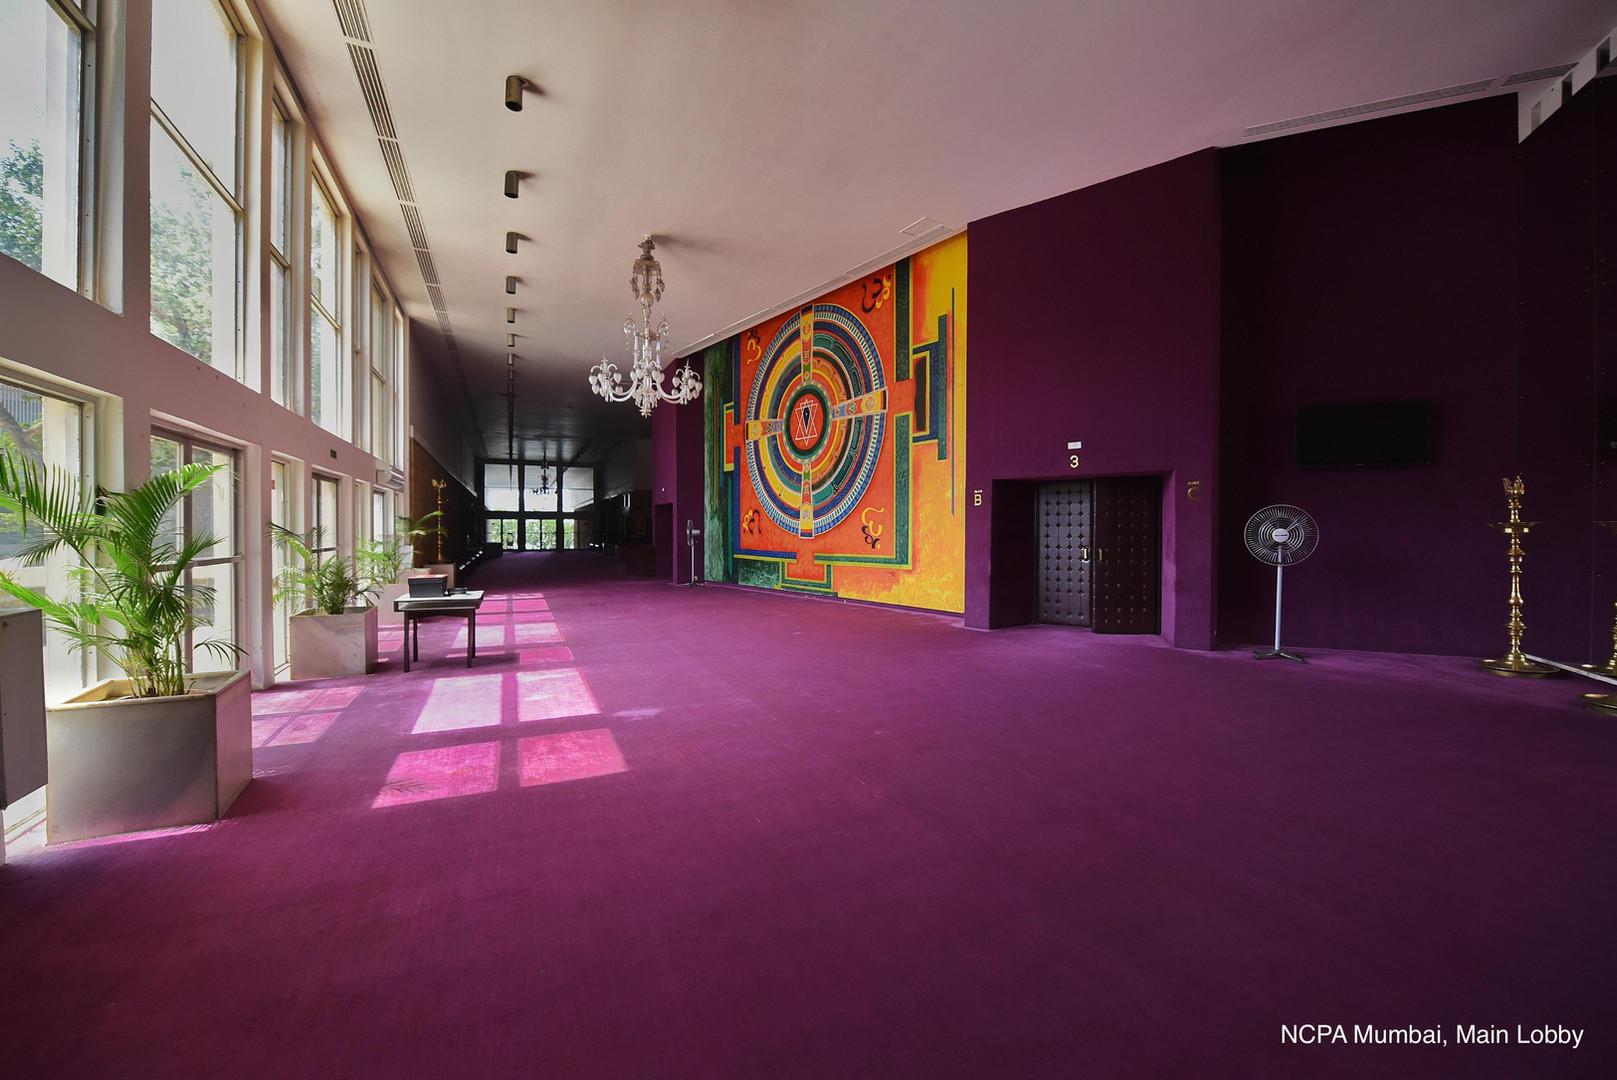 NCPA- Main Lobby & Walls